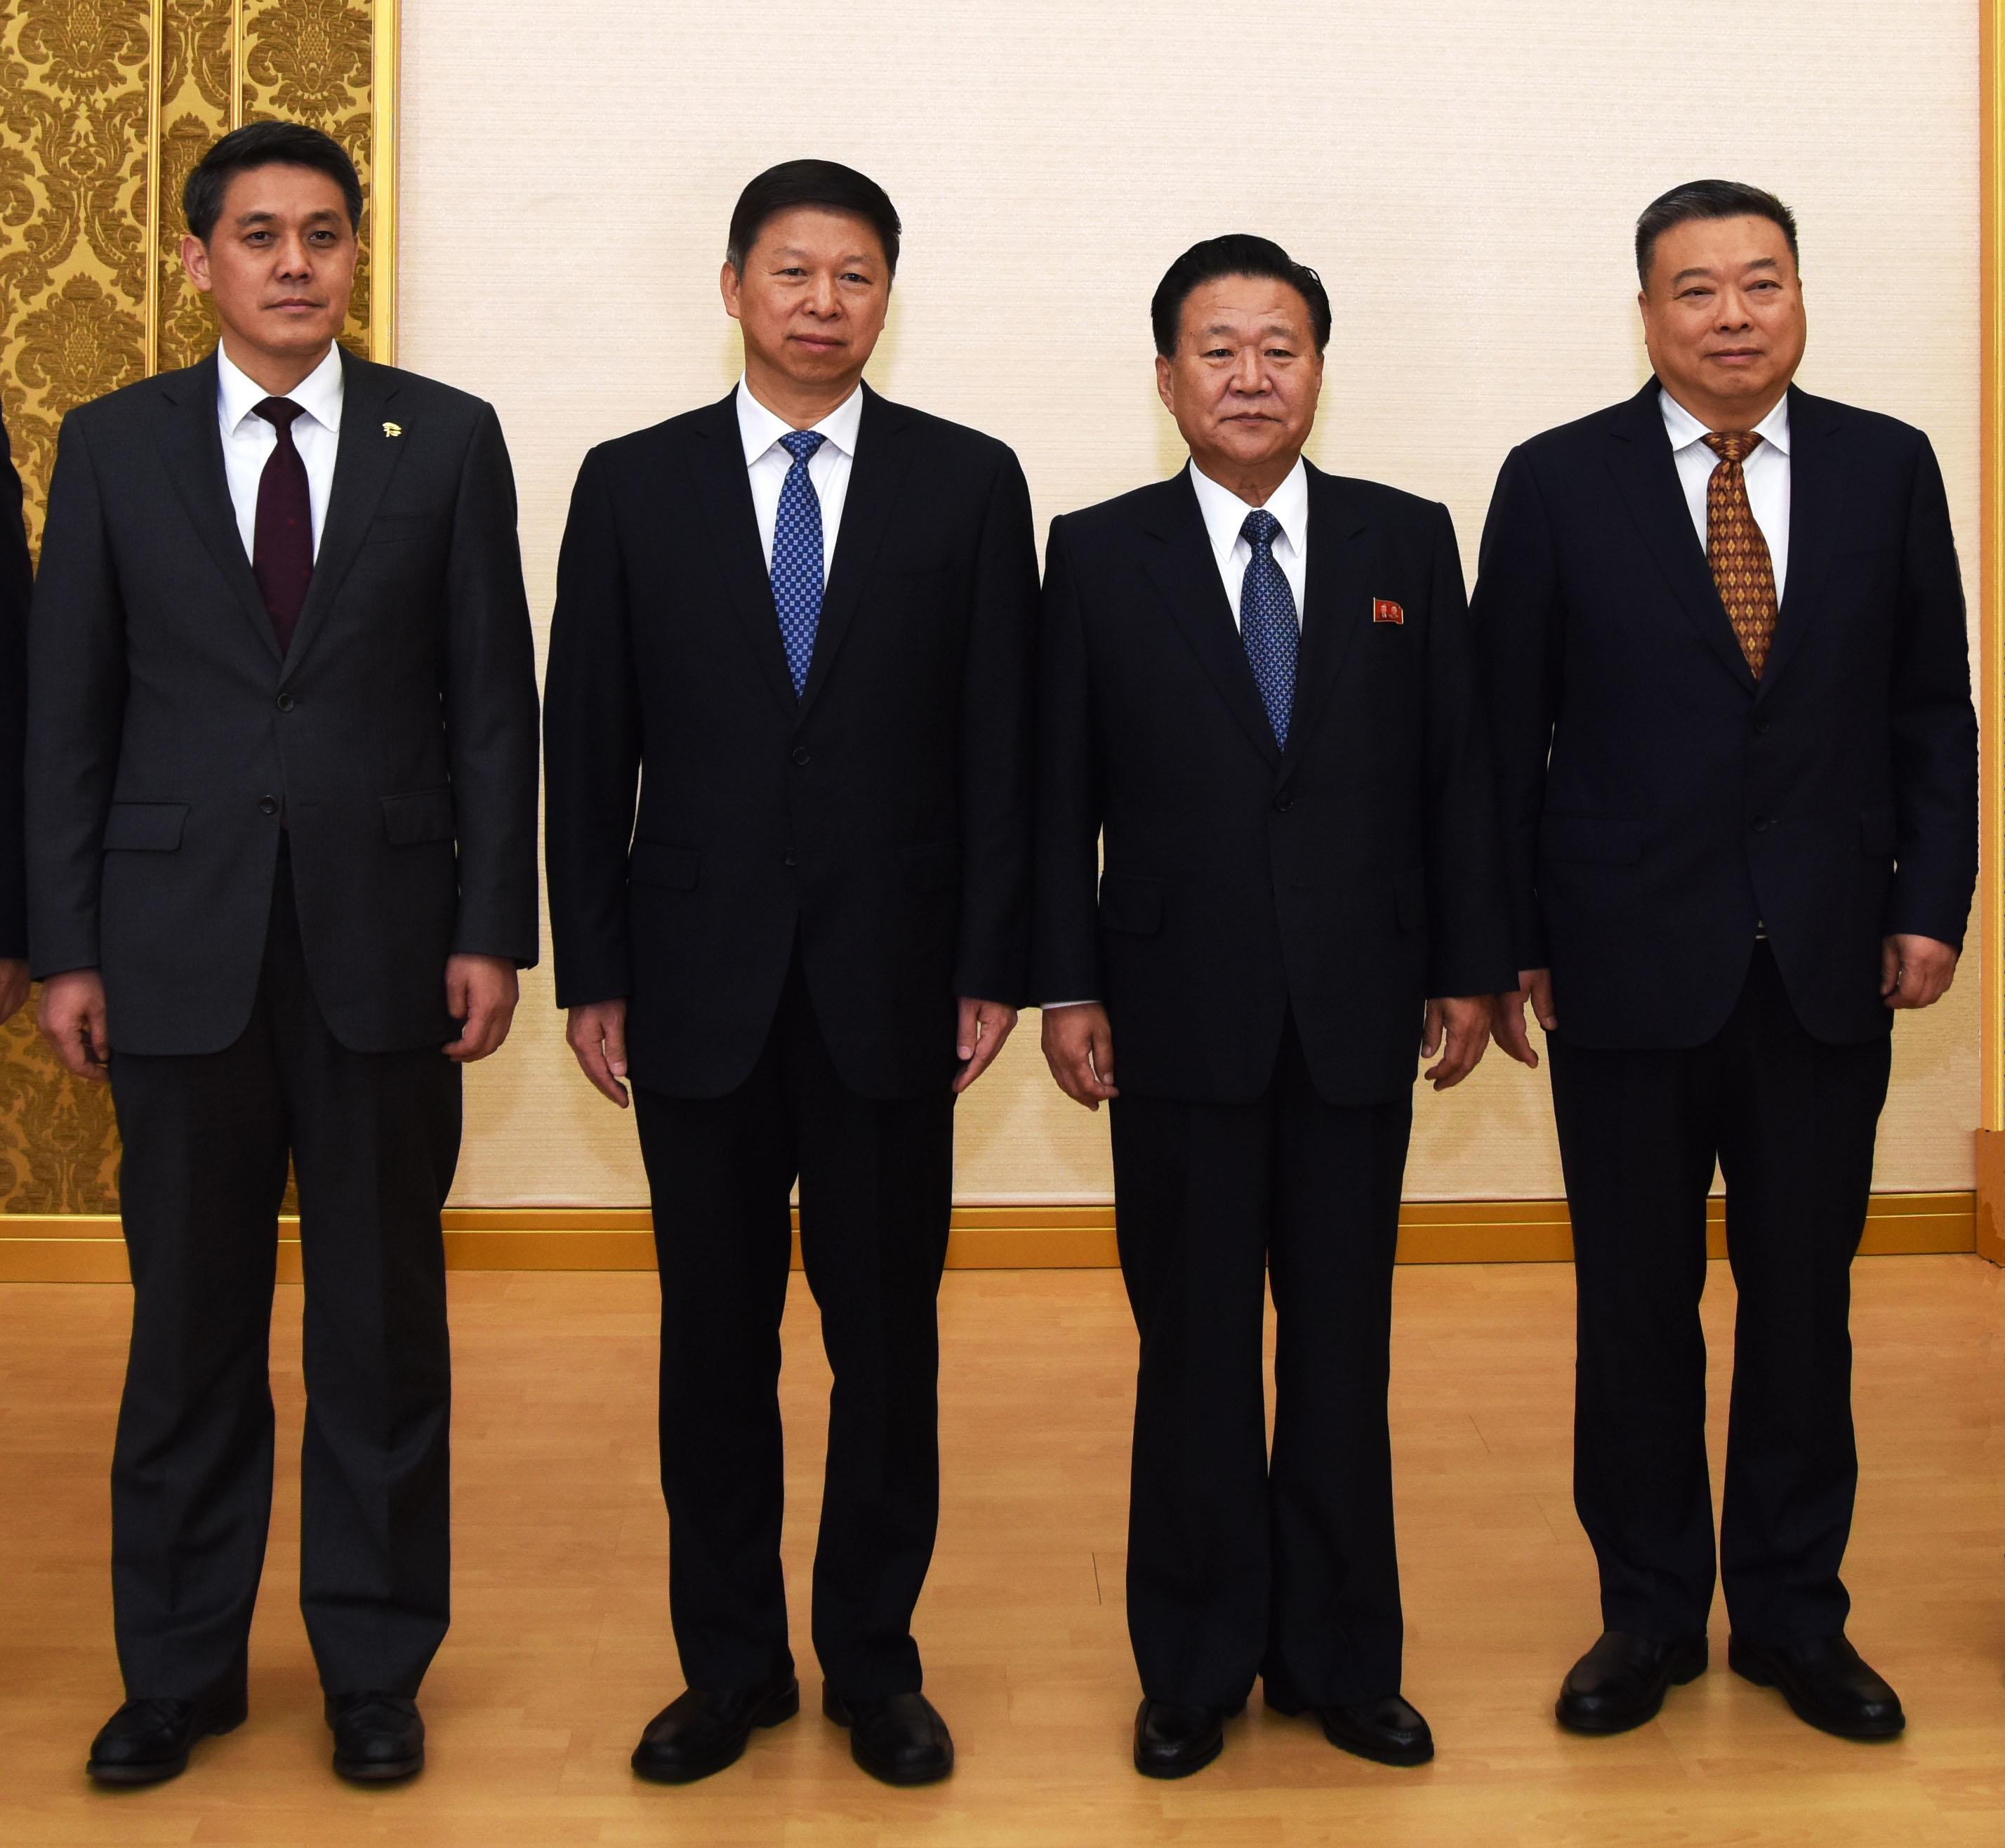 朝鲜劳动党中央副委员长崔龙海会见习近平总书记特使宋涛